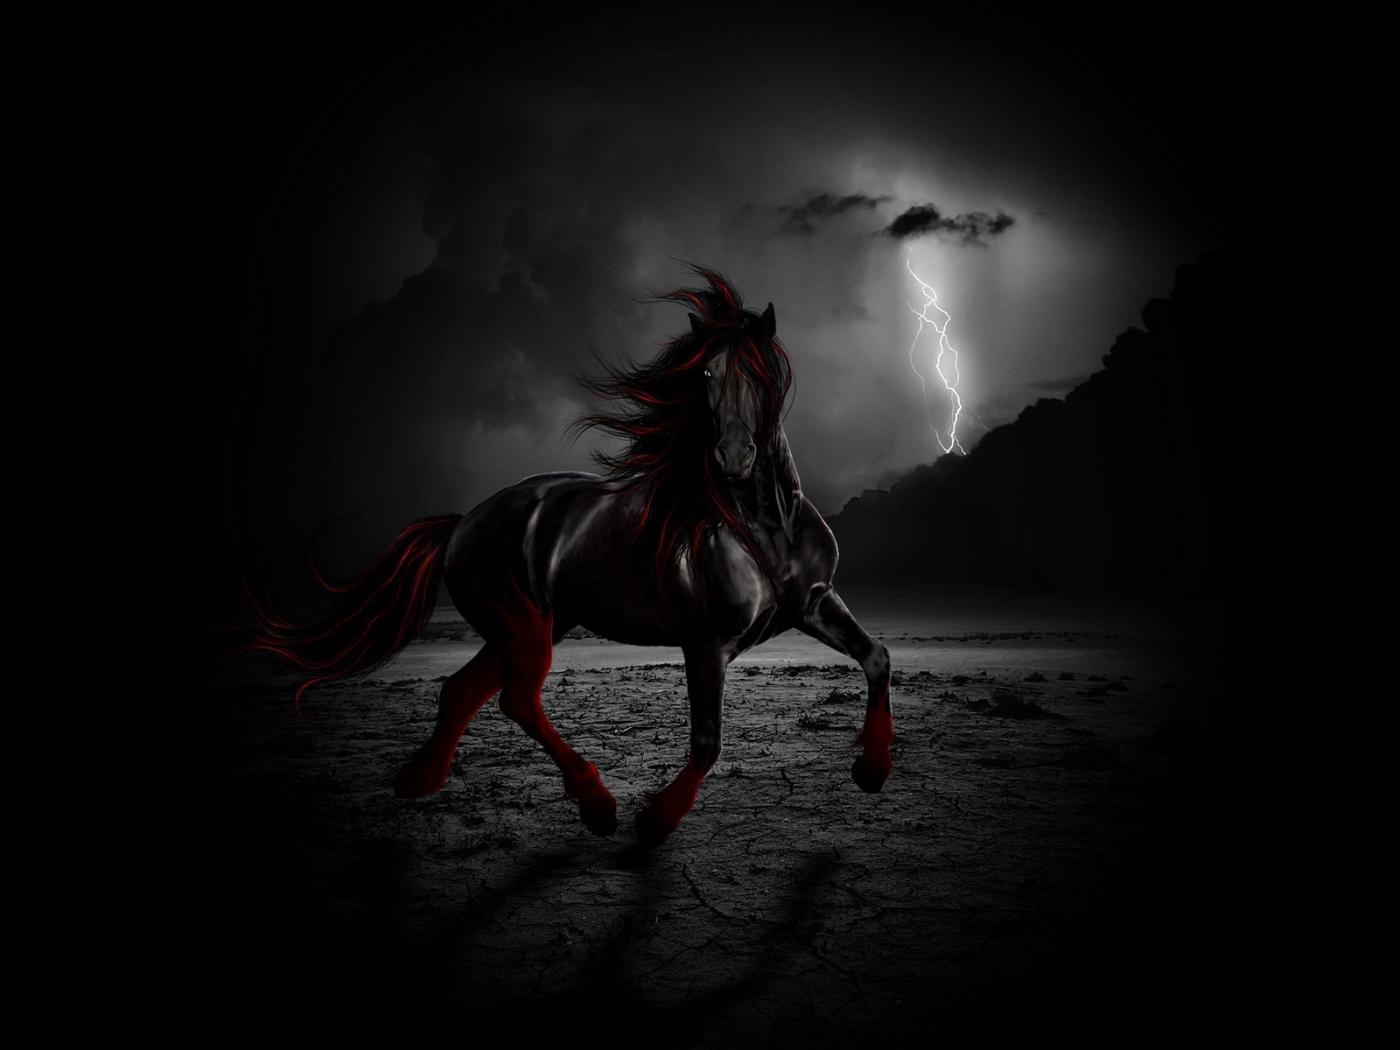 Скачать обои Лошади на телефон бесплатно